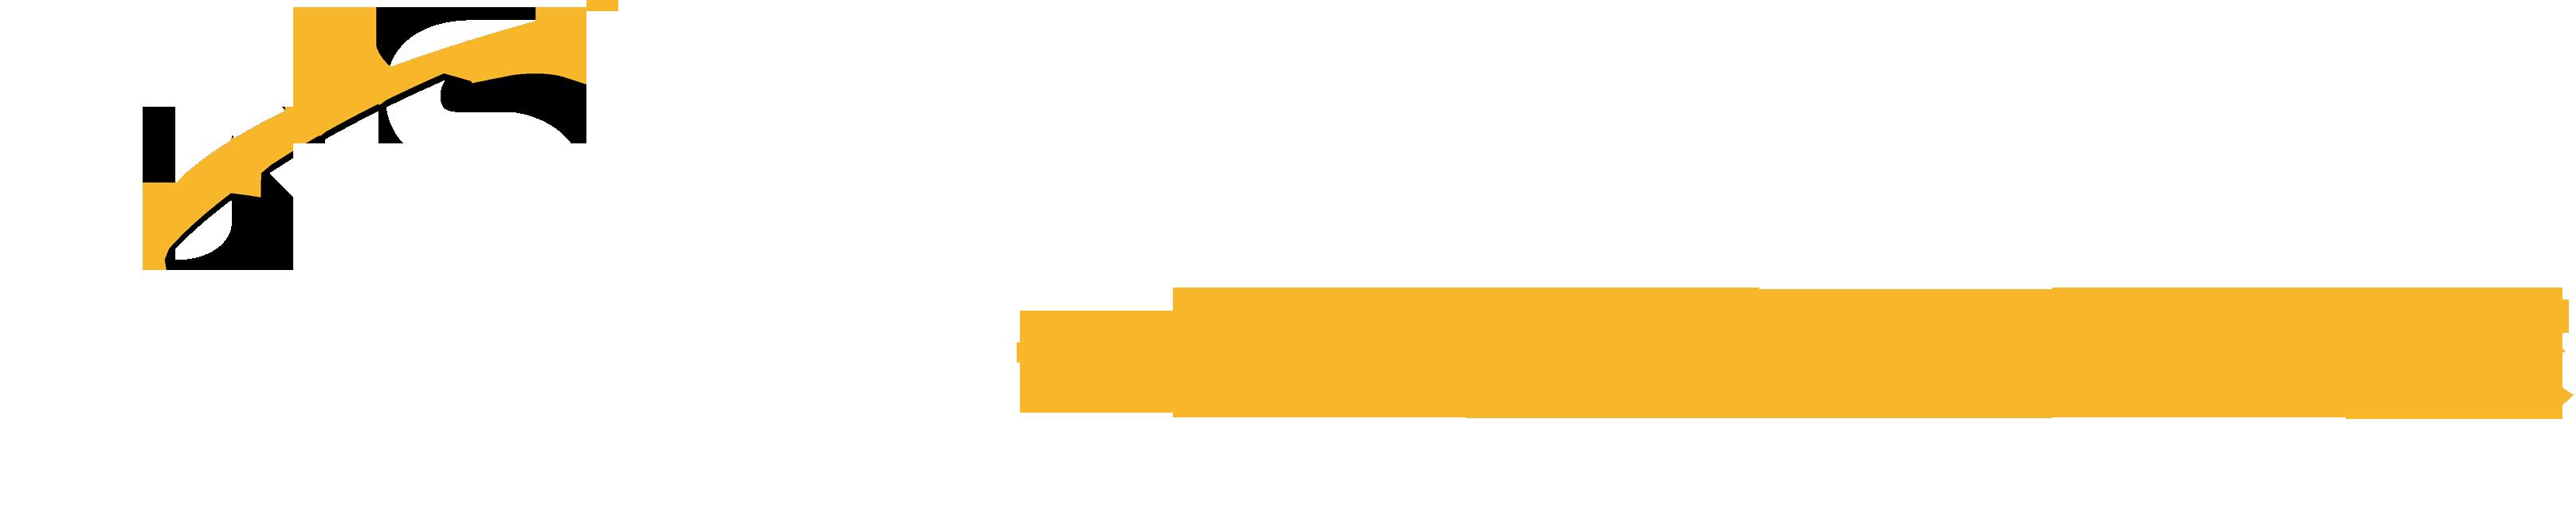 惠州市纳森货架设备有限公司